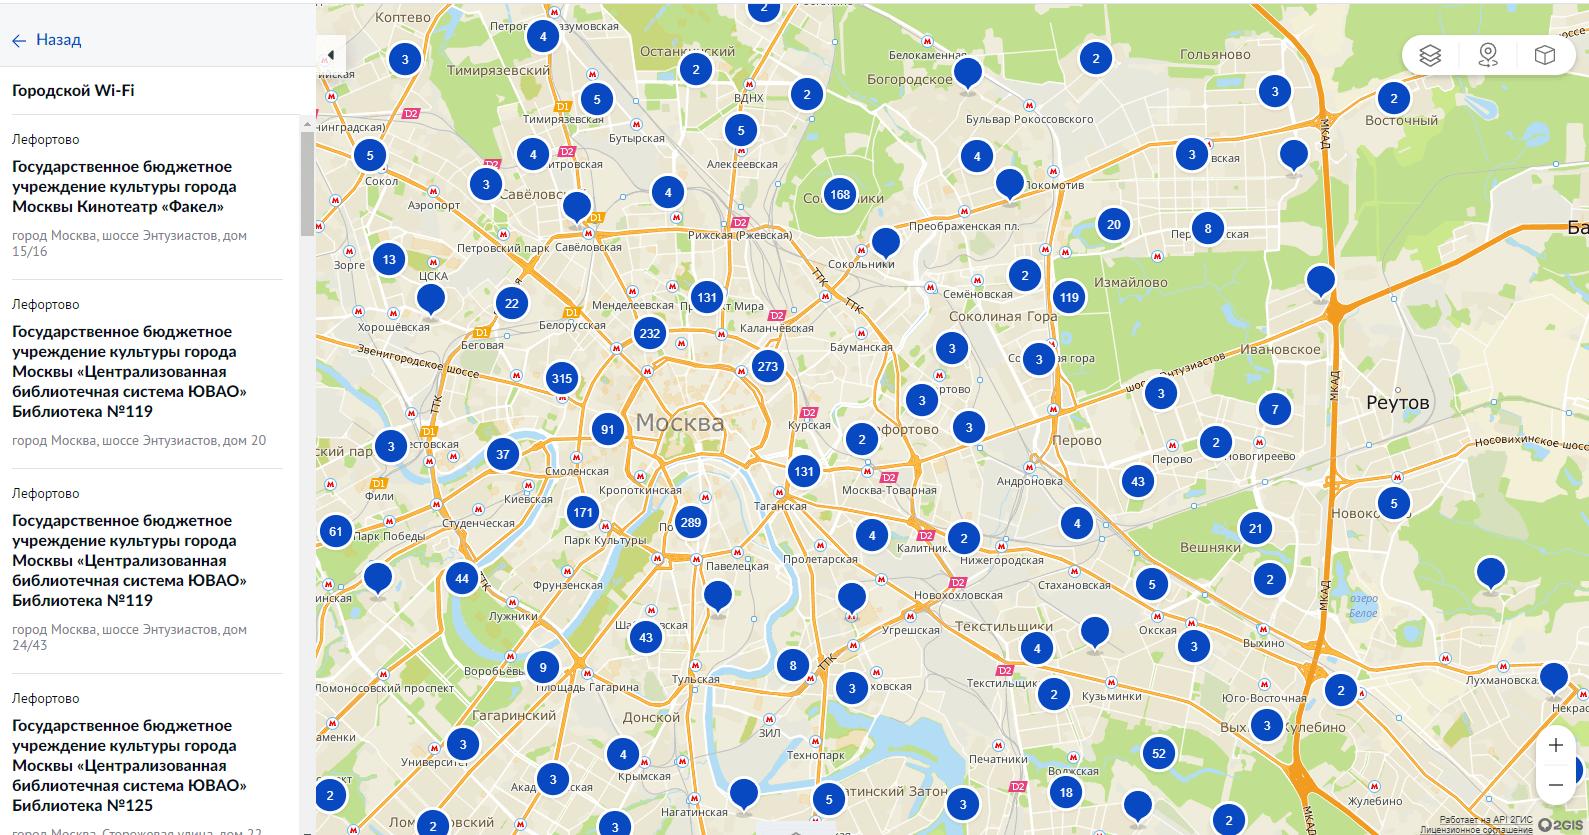 За год в Москве установили 1,7 тысячи новых точек доступа к бесплатному городскому Wi-Fi (image 9)